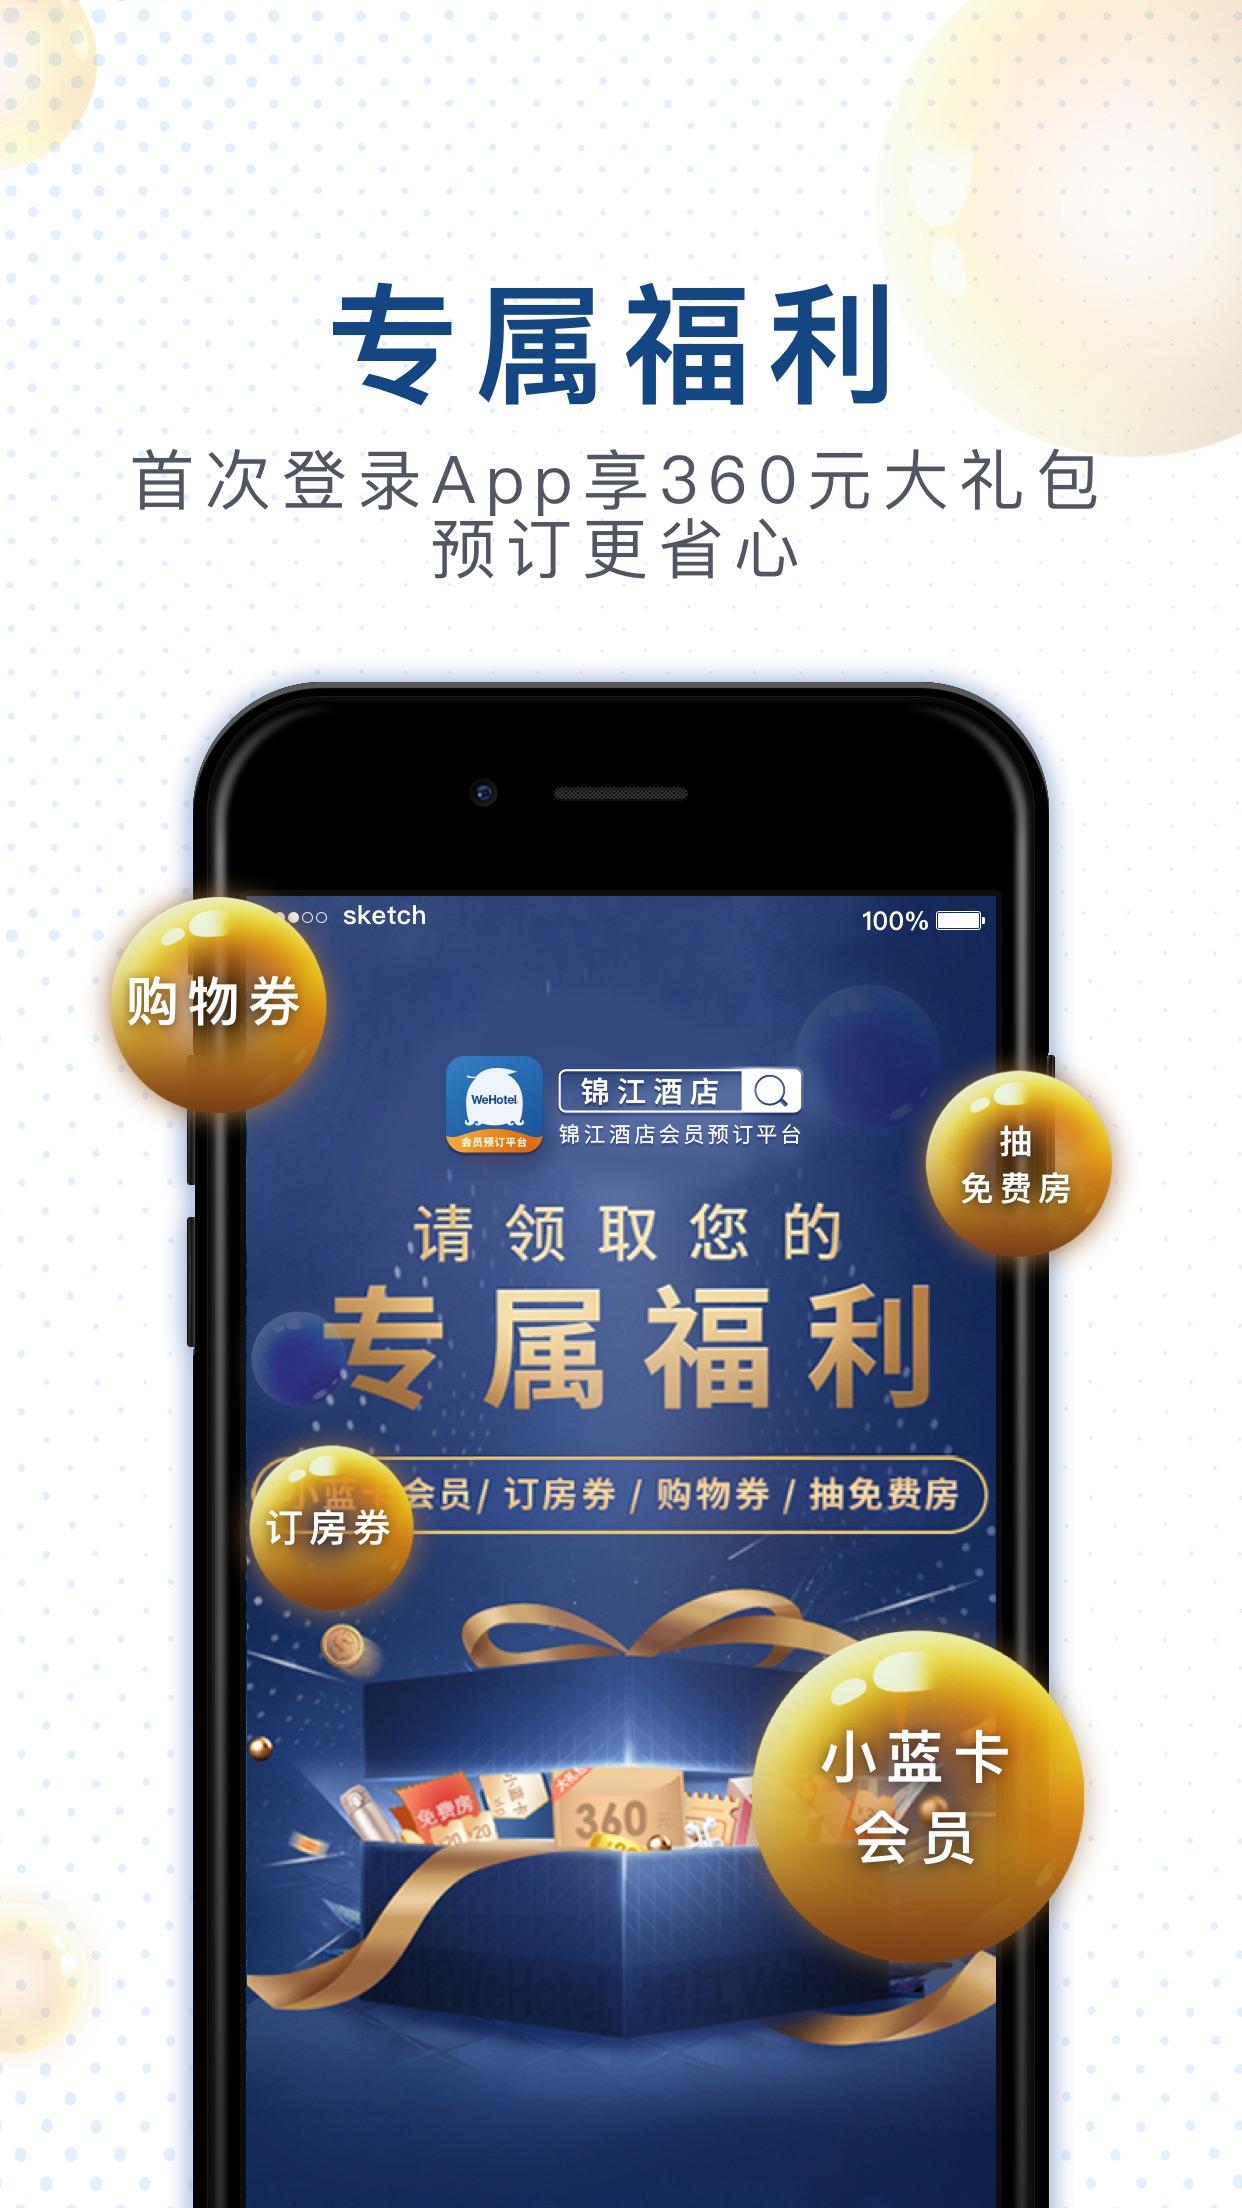 锦江酒店-WeHotel住宿特价酒店预订 Screenshot